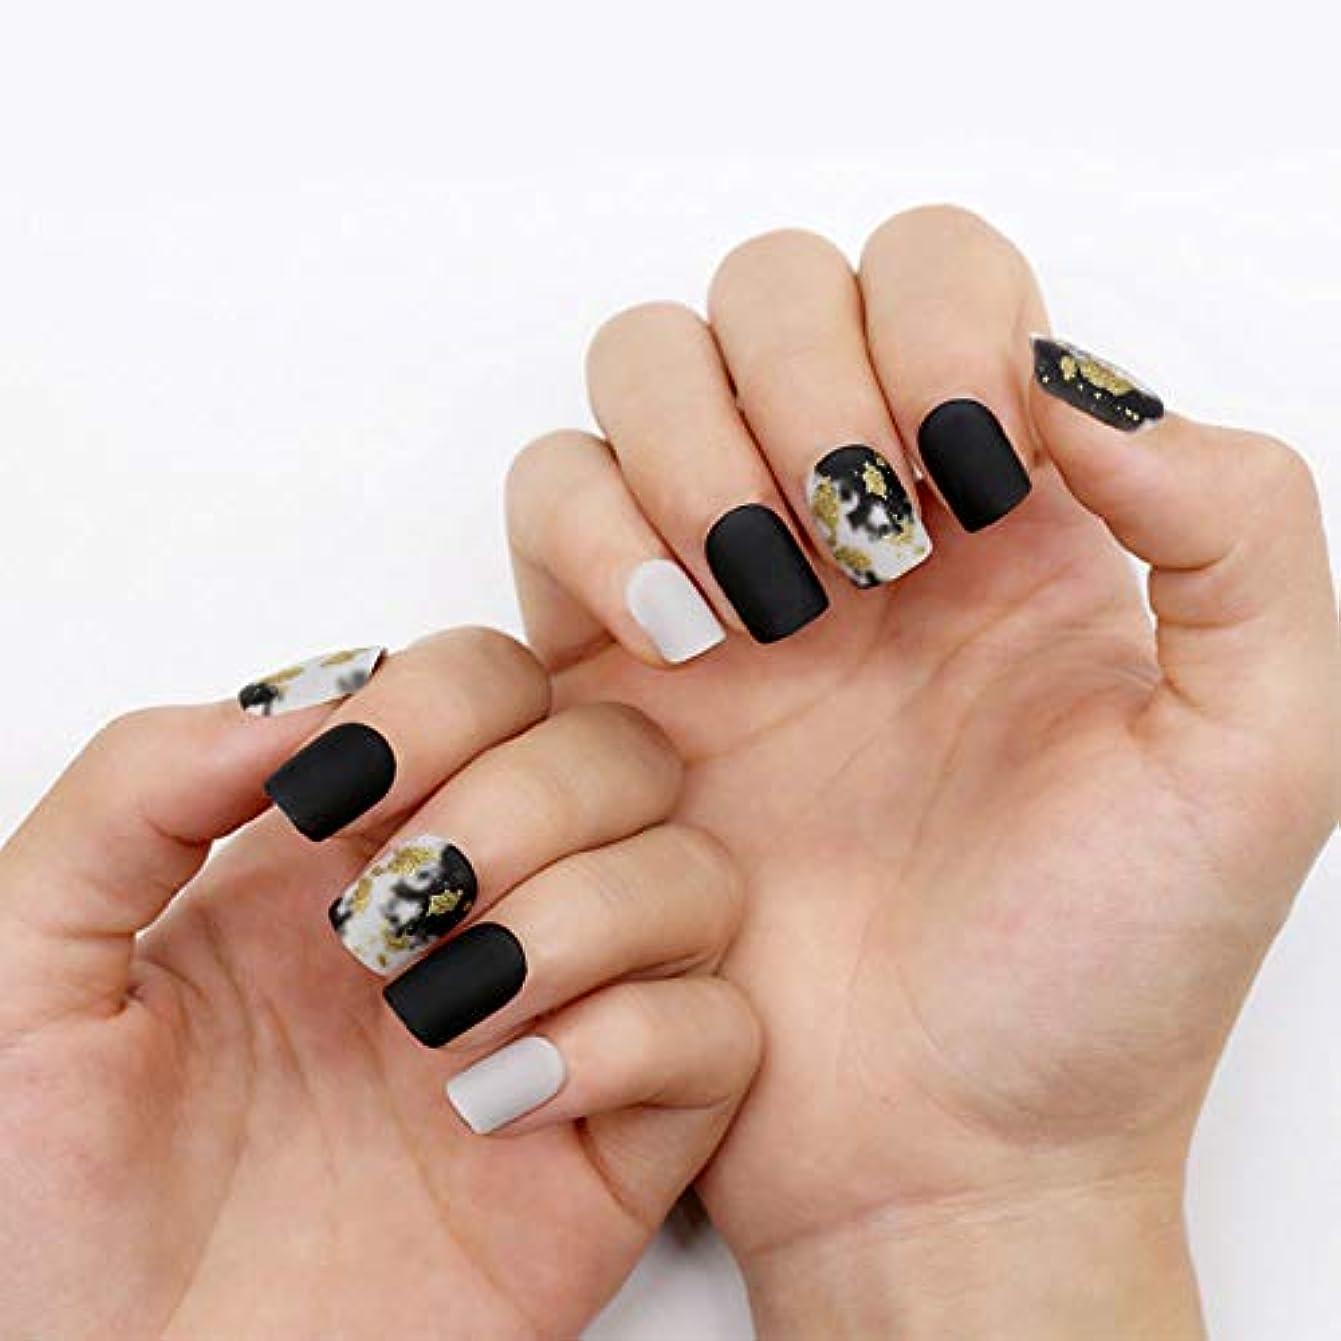 ネイルチップ 12サイズ 夏の 優雅 黒 つけ爪 ネイル用品 ショート デコレーション 無地 付け爪